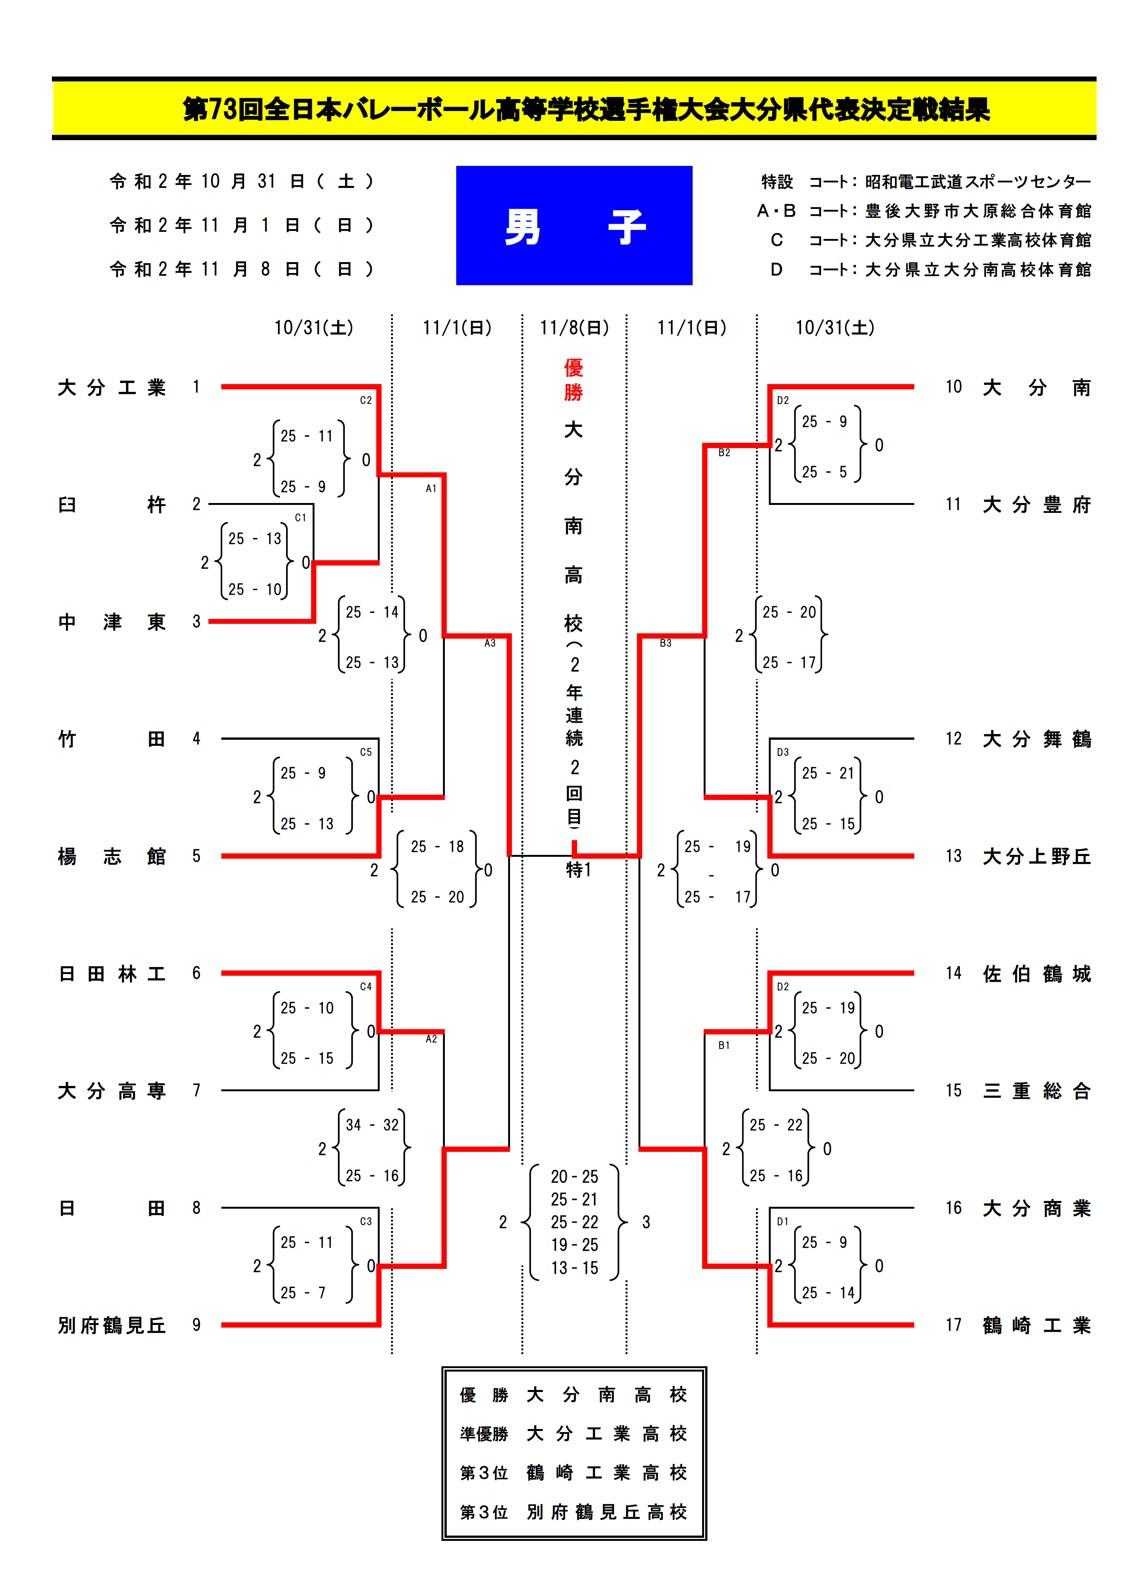 2020年度_全日本高校選手権_大分予選_男子_最終結果